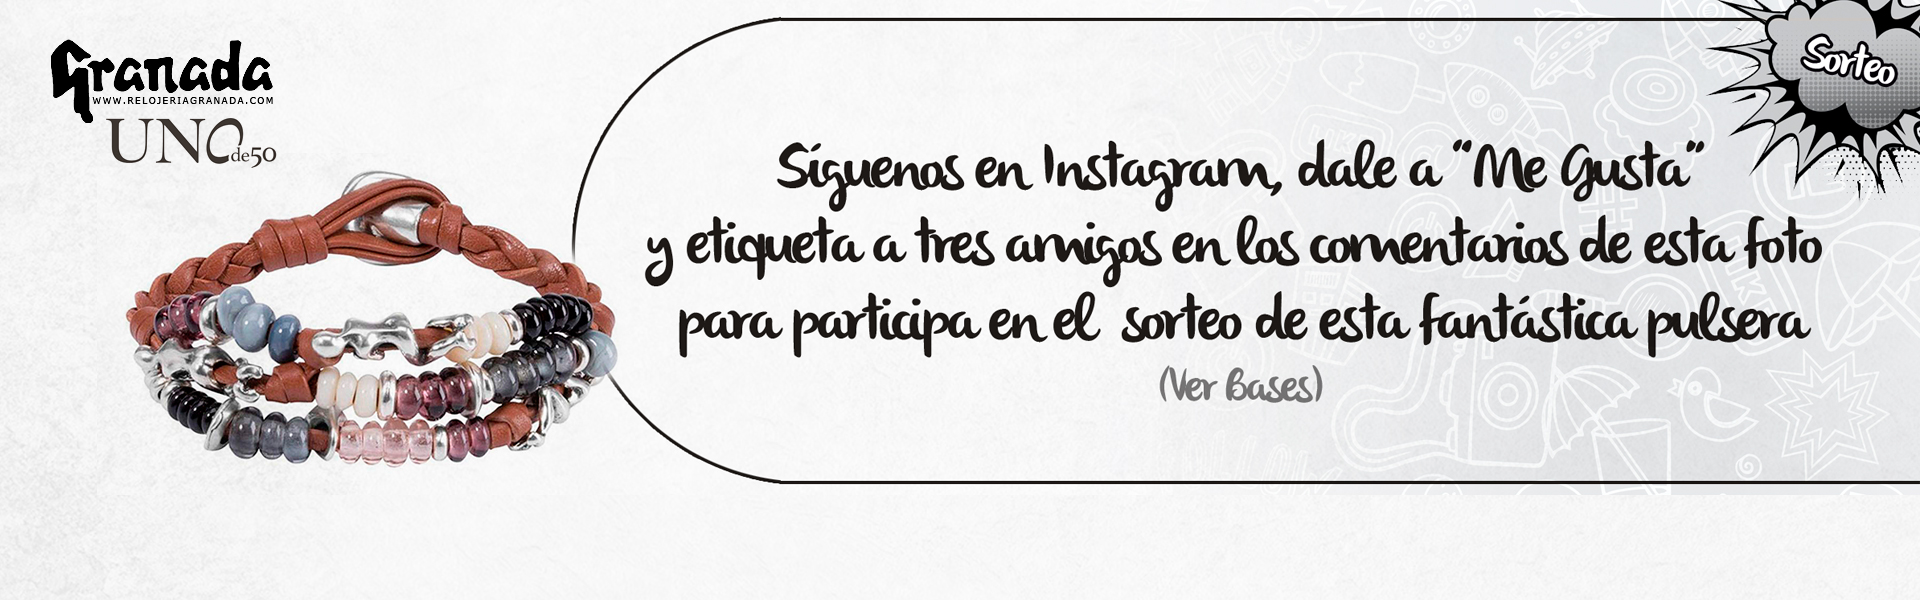 slide-sorte-instagram.jpg